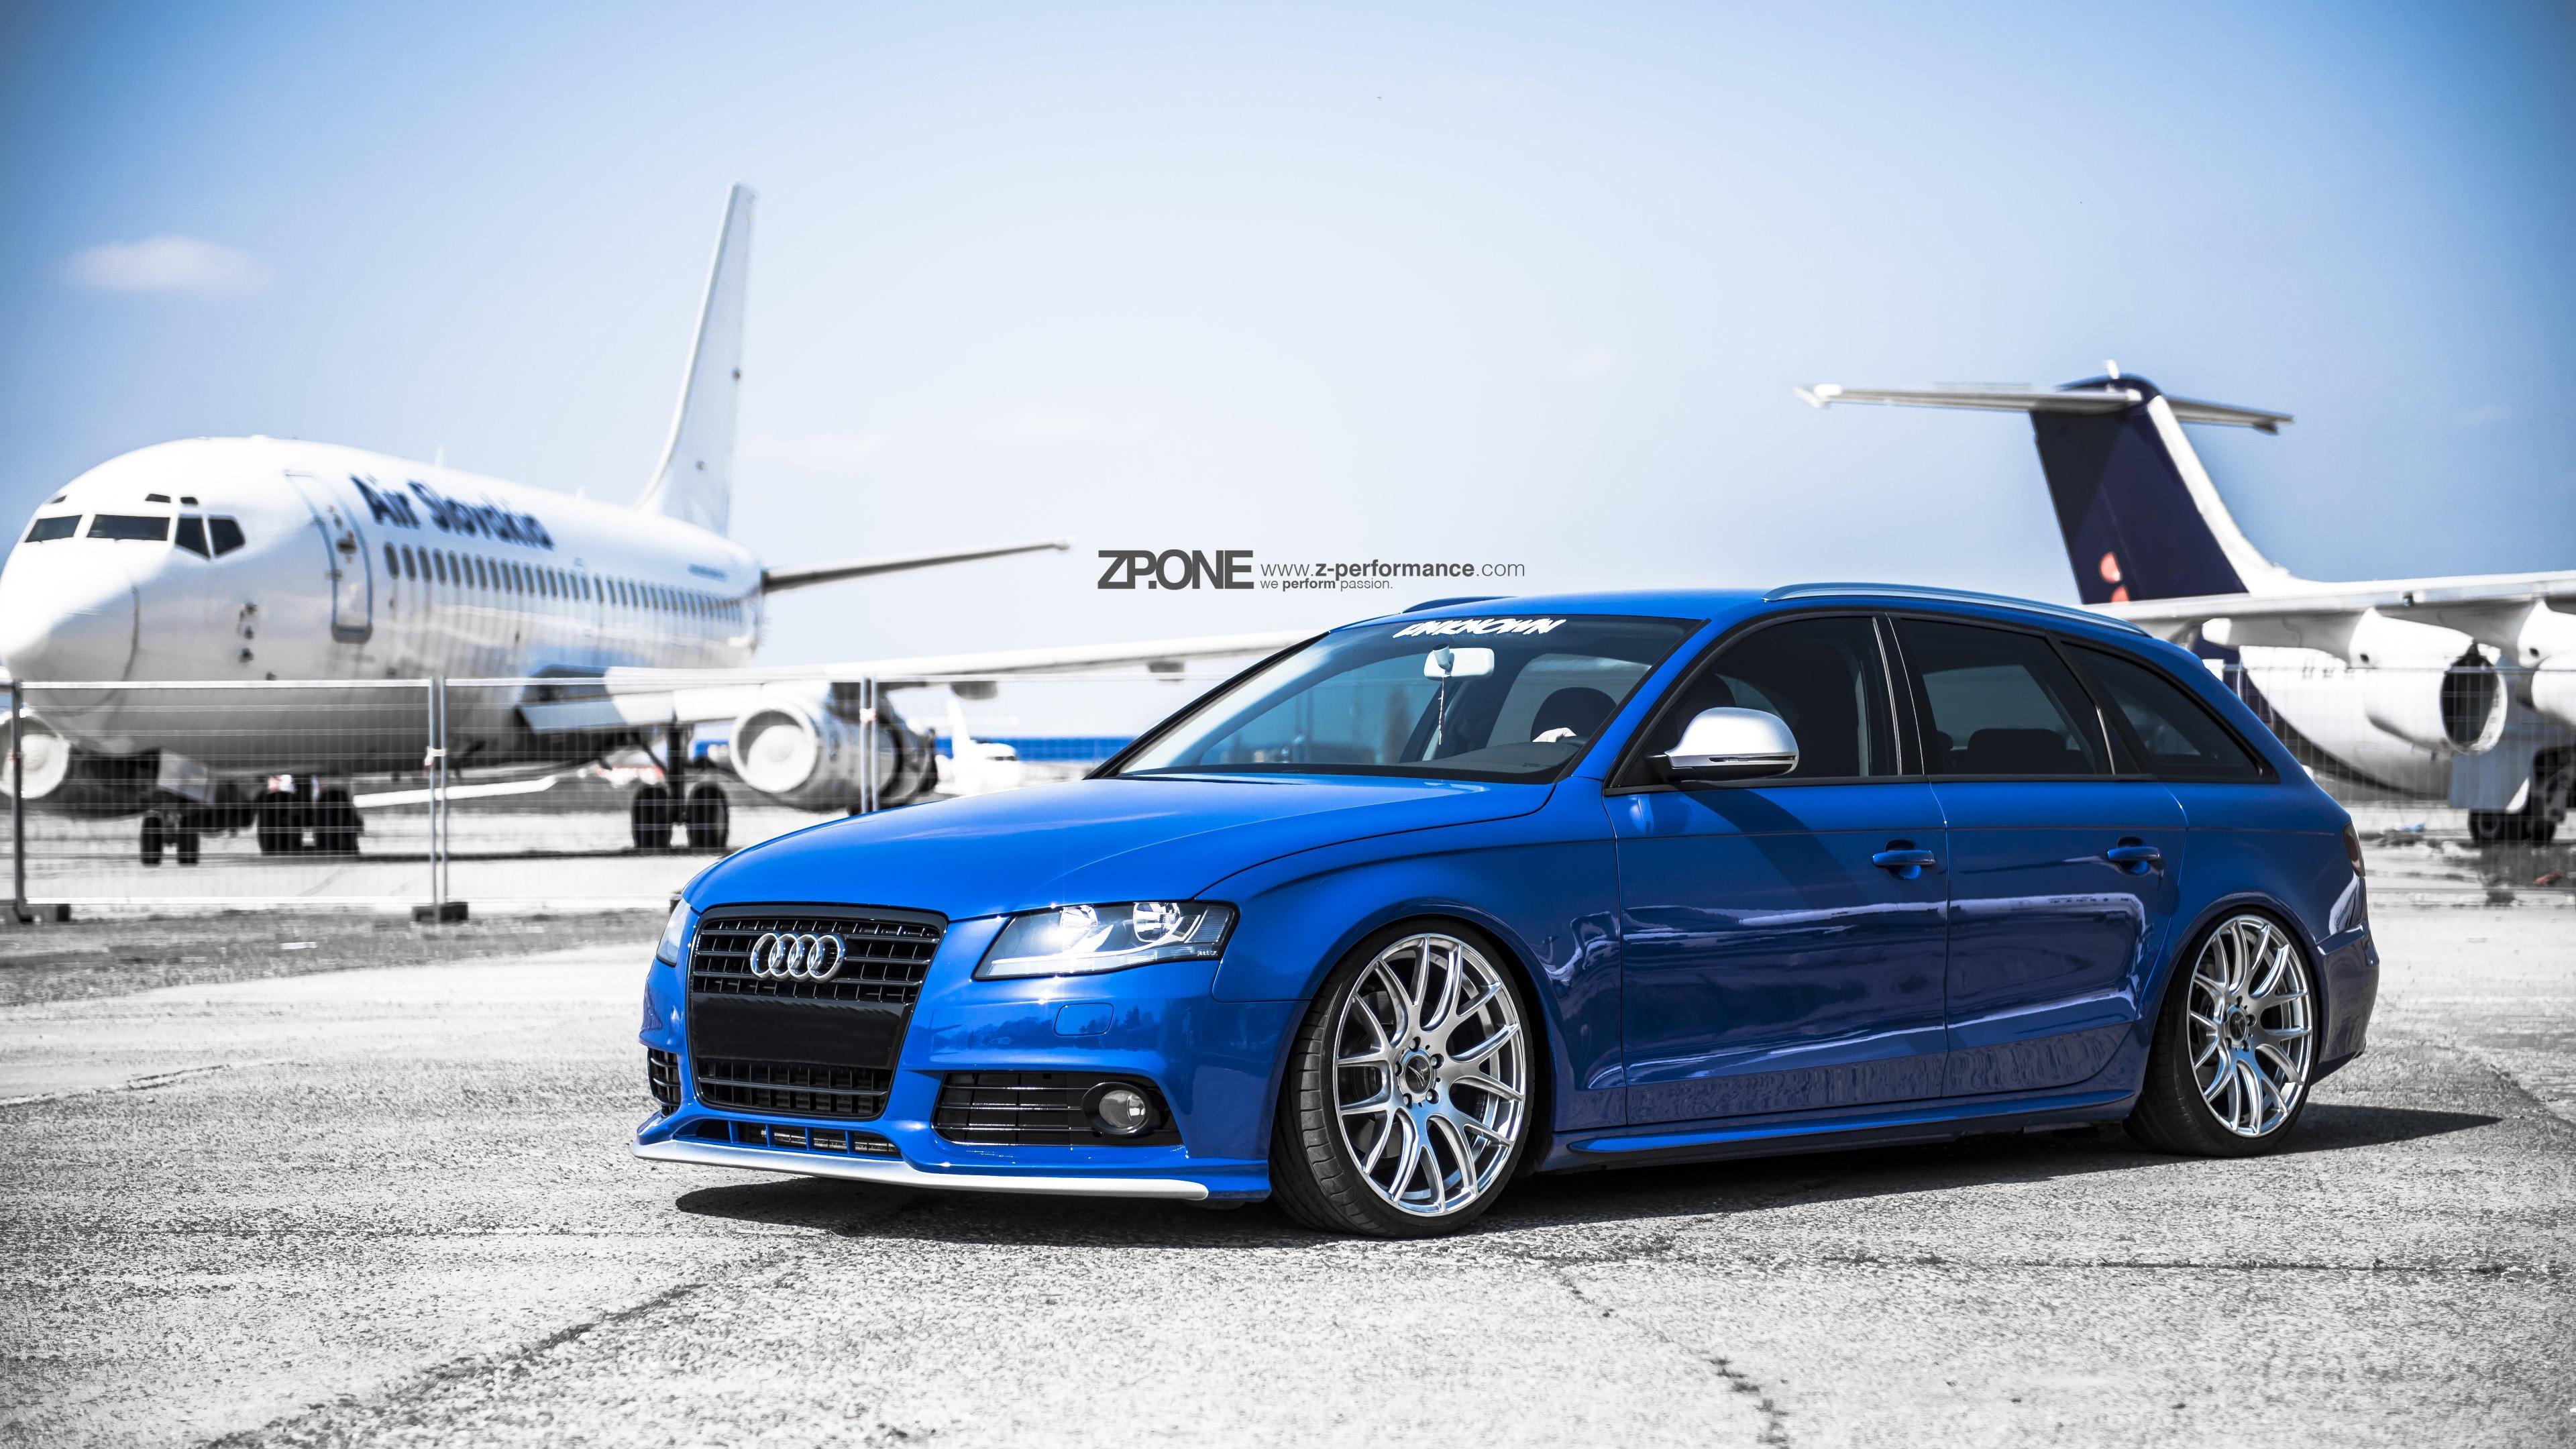 Audi A4 Wallpaper Hd Wallpapersafari